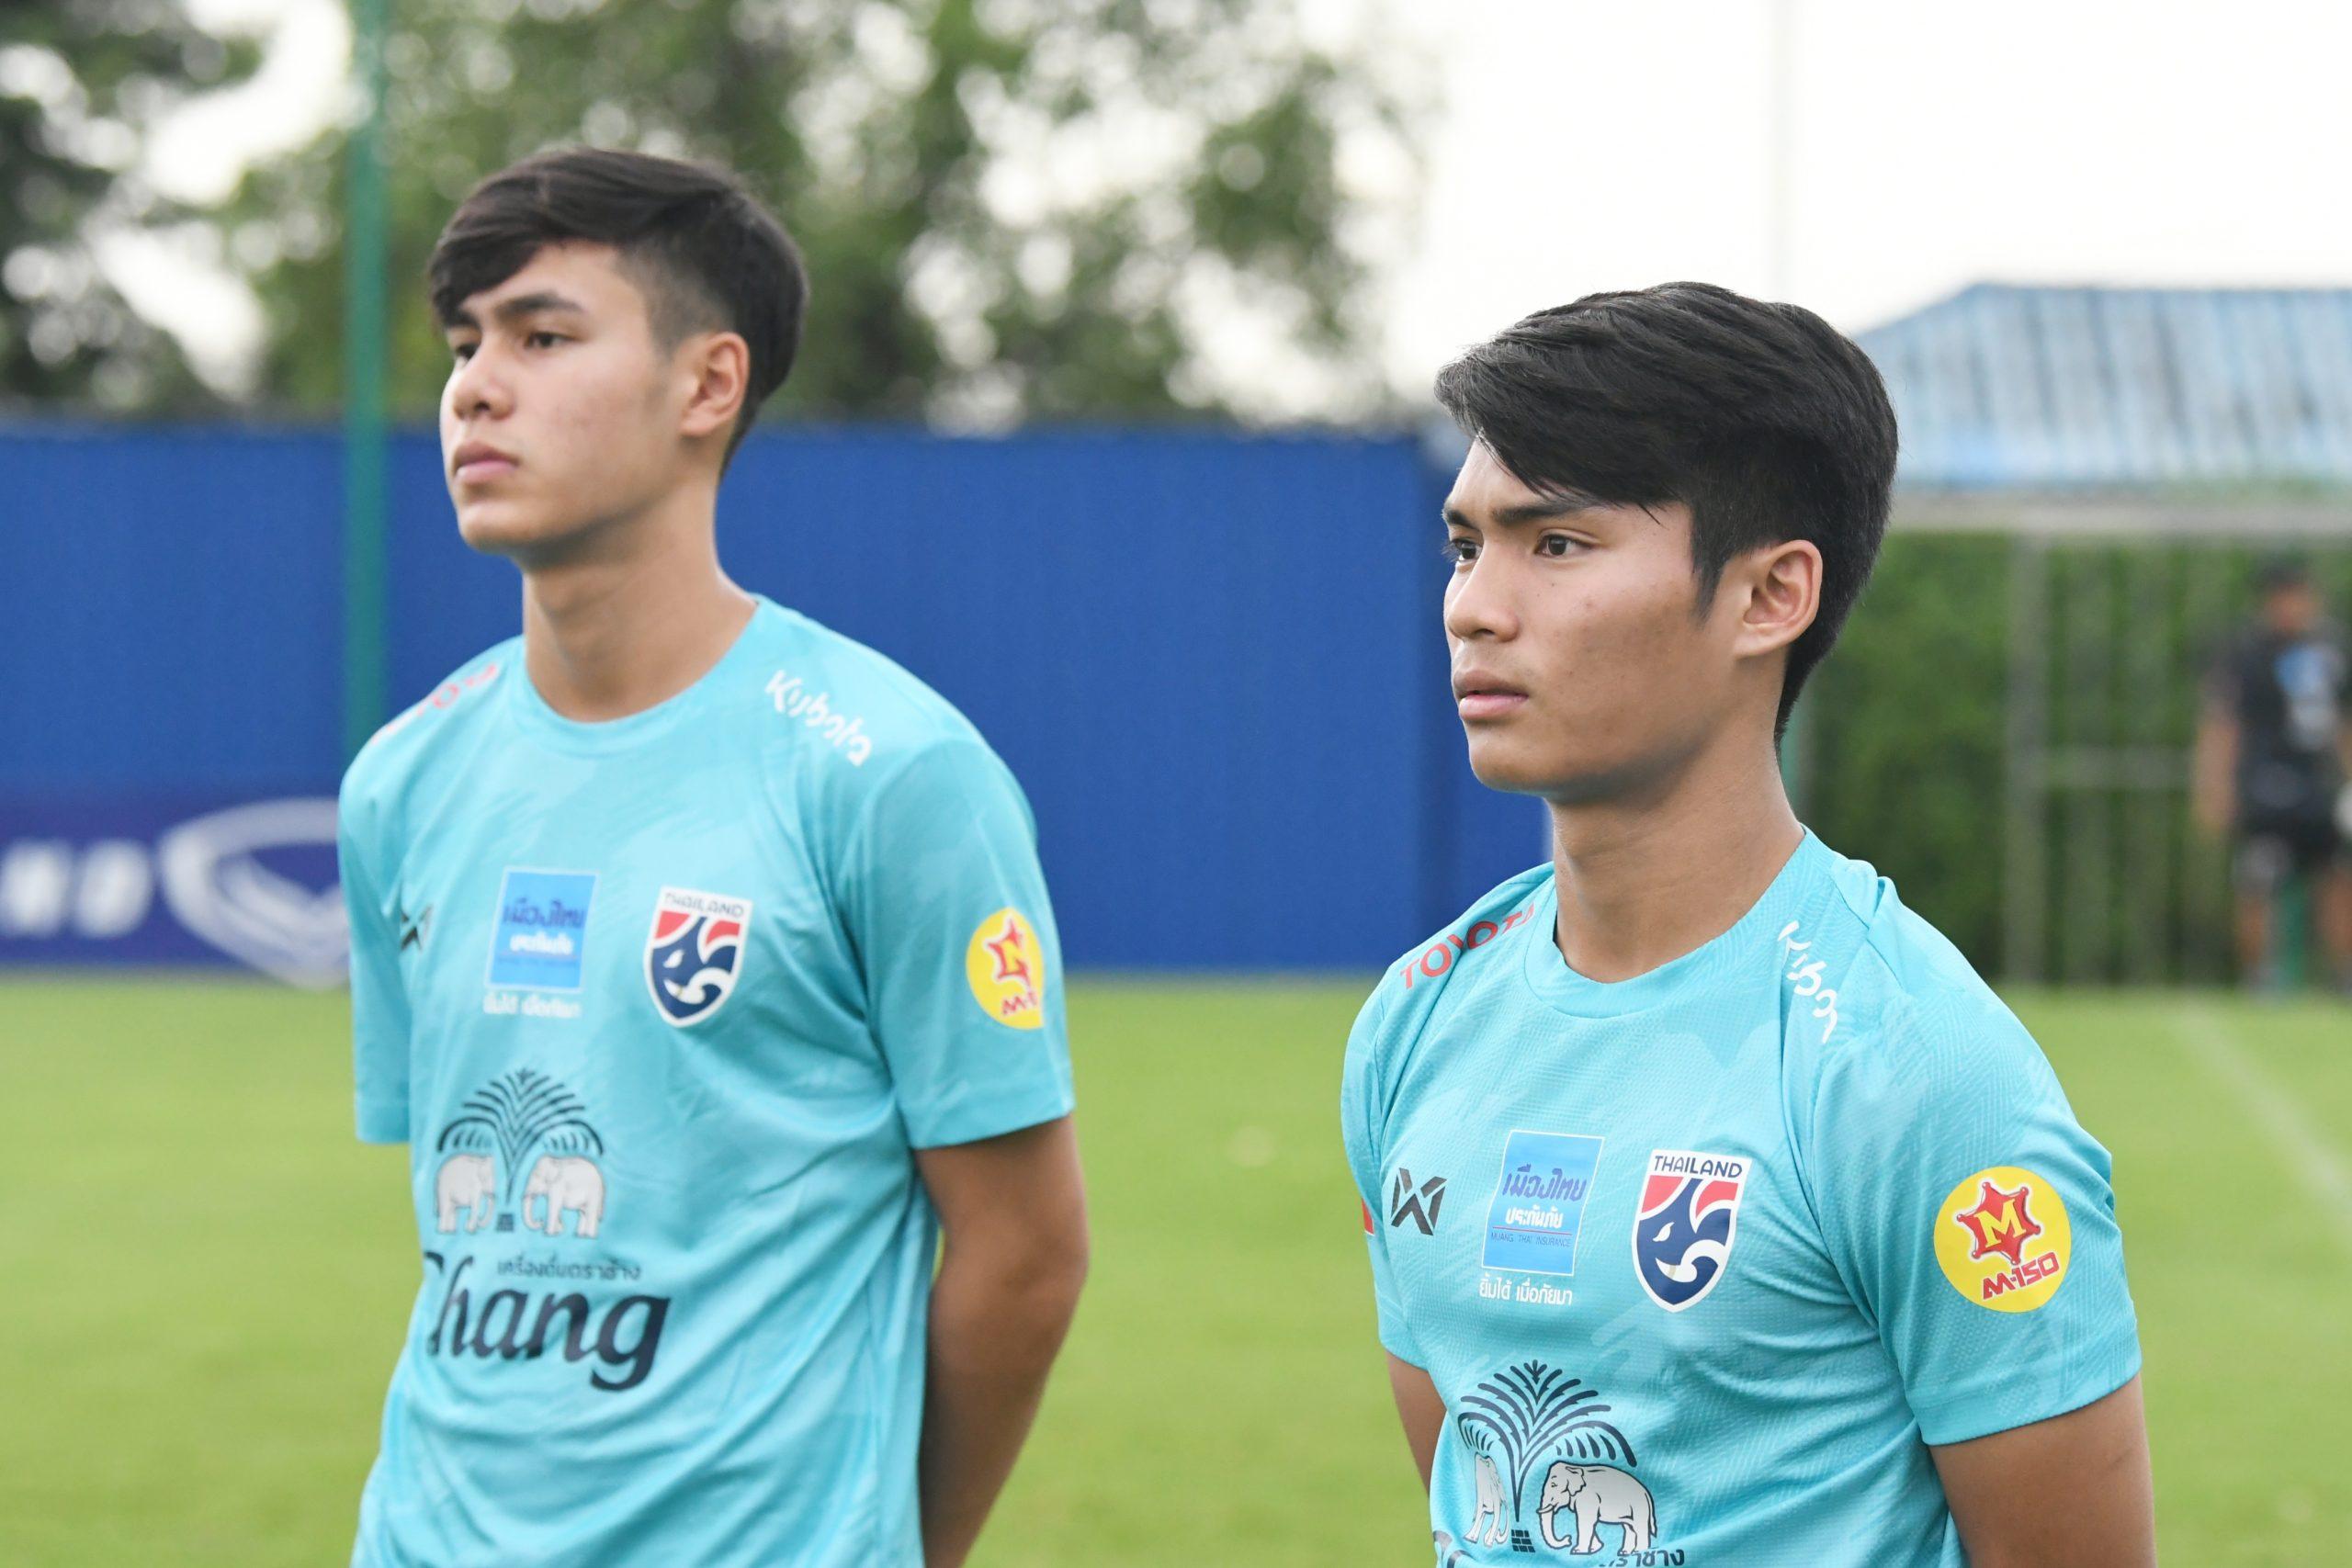 ณพนนันท์ ทิพย์อักษร ทีมชาติไทย U19 ธนธรณ์ น้ำจันทร์